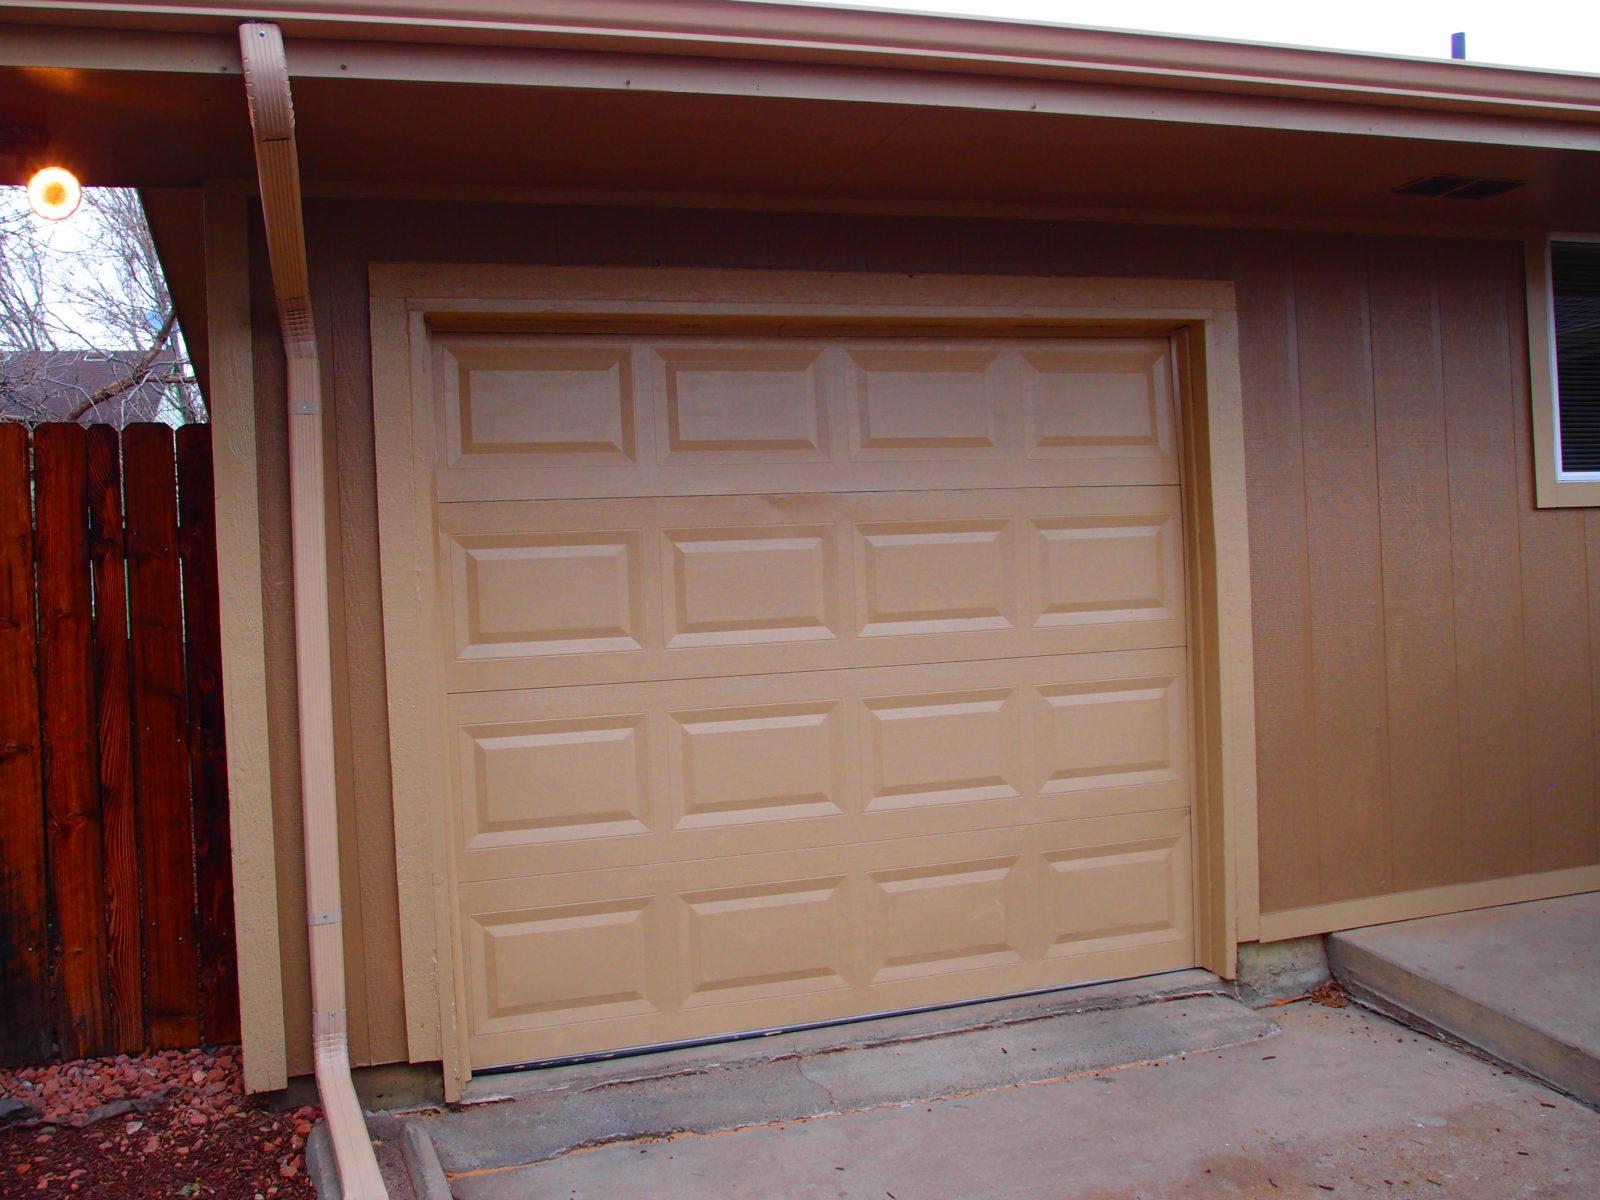 231 Garage